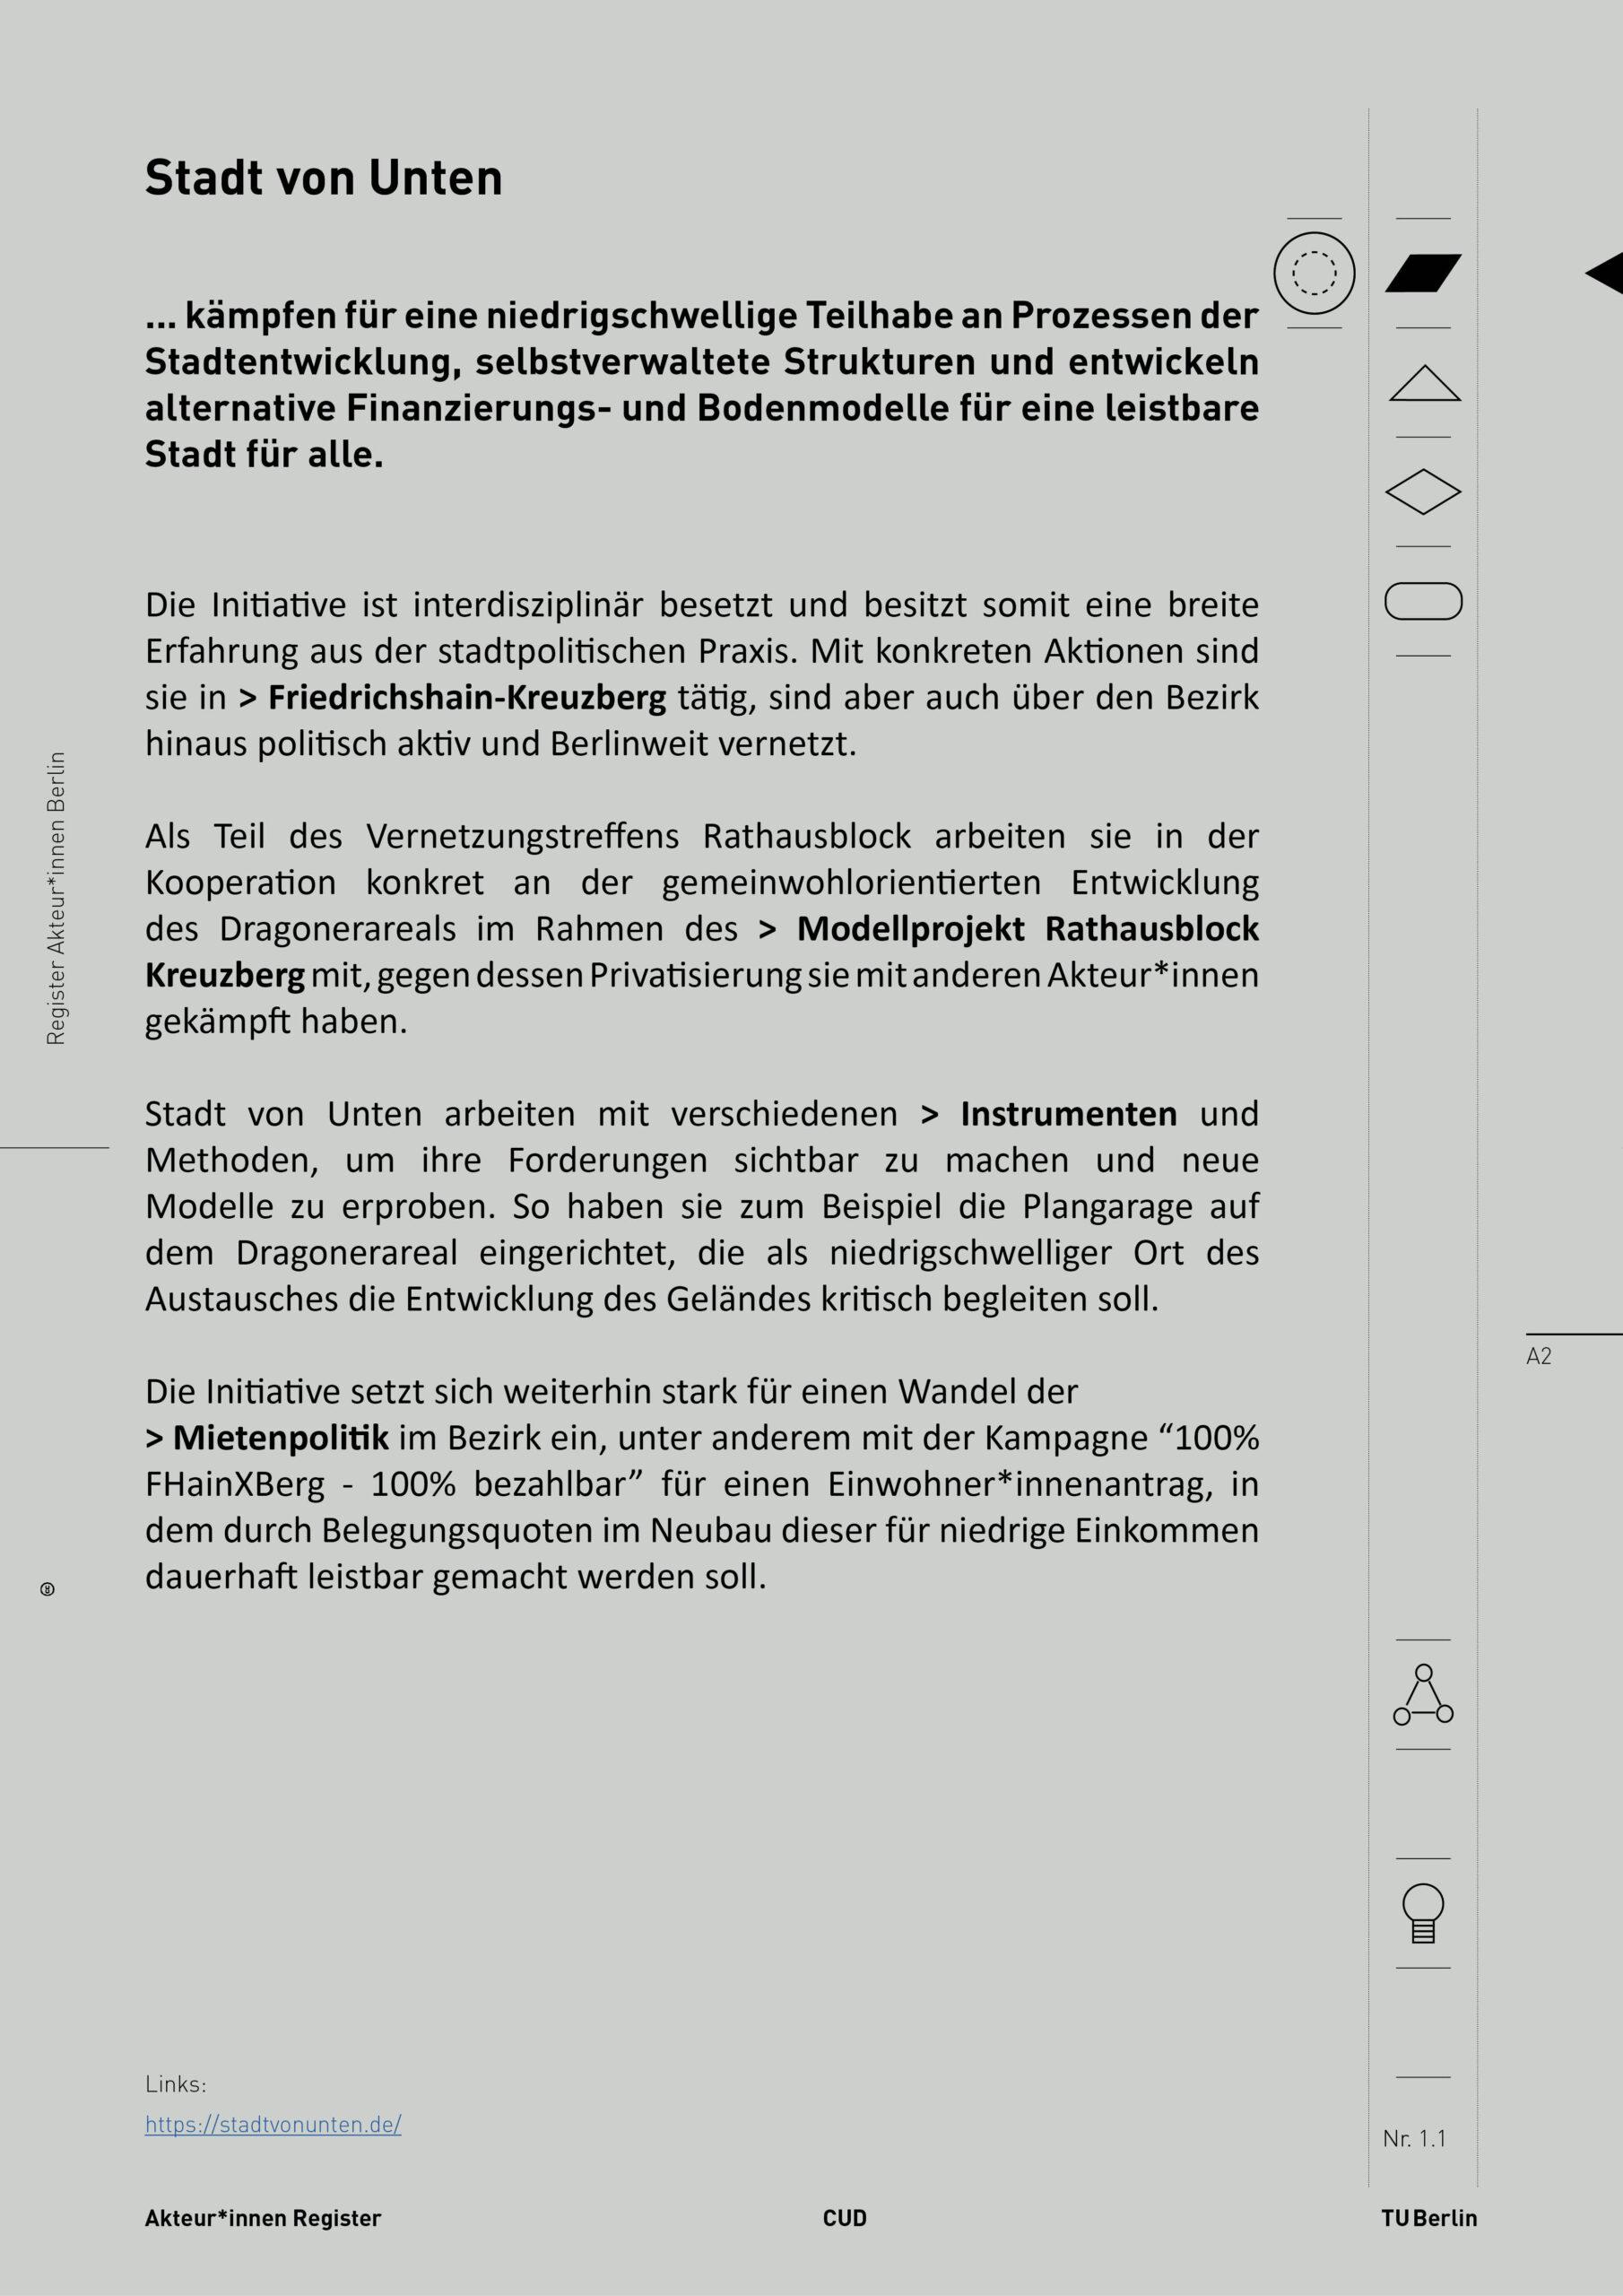 2021-05-17_AkteurInnen_Register_2